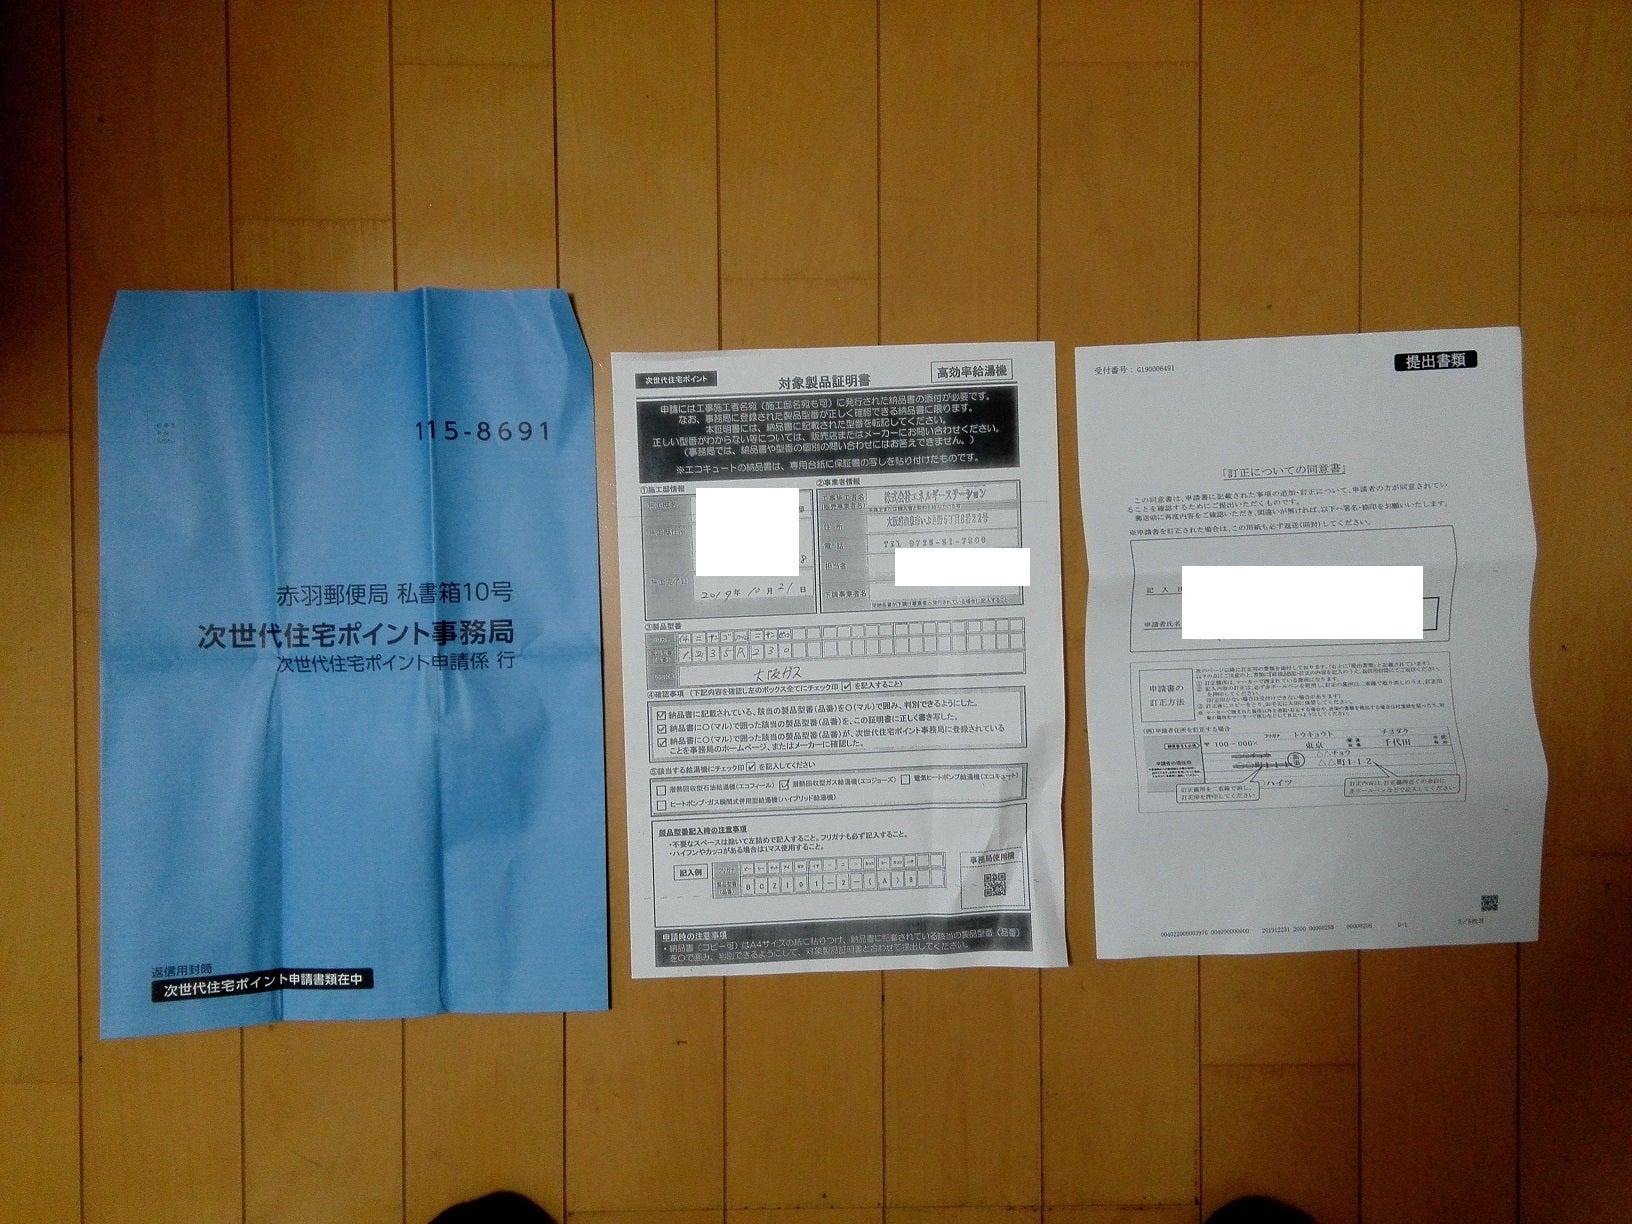 住宅 エコ ポイント 申請 書